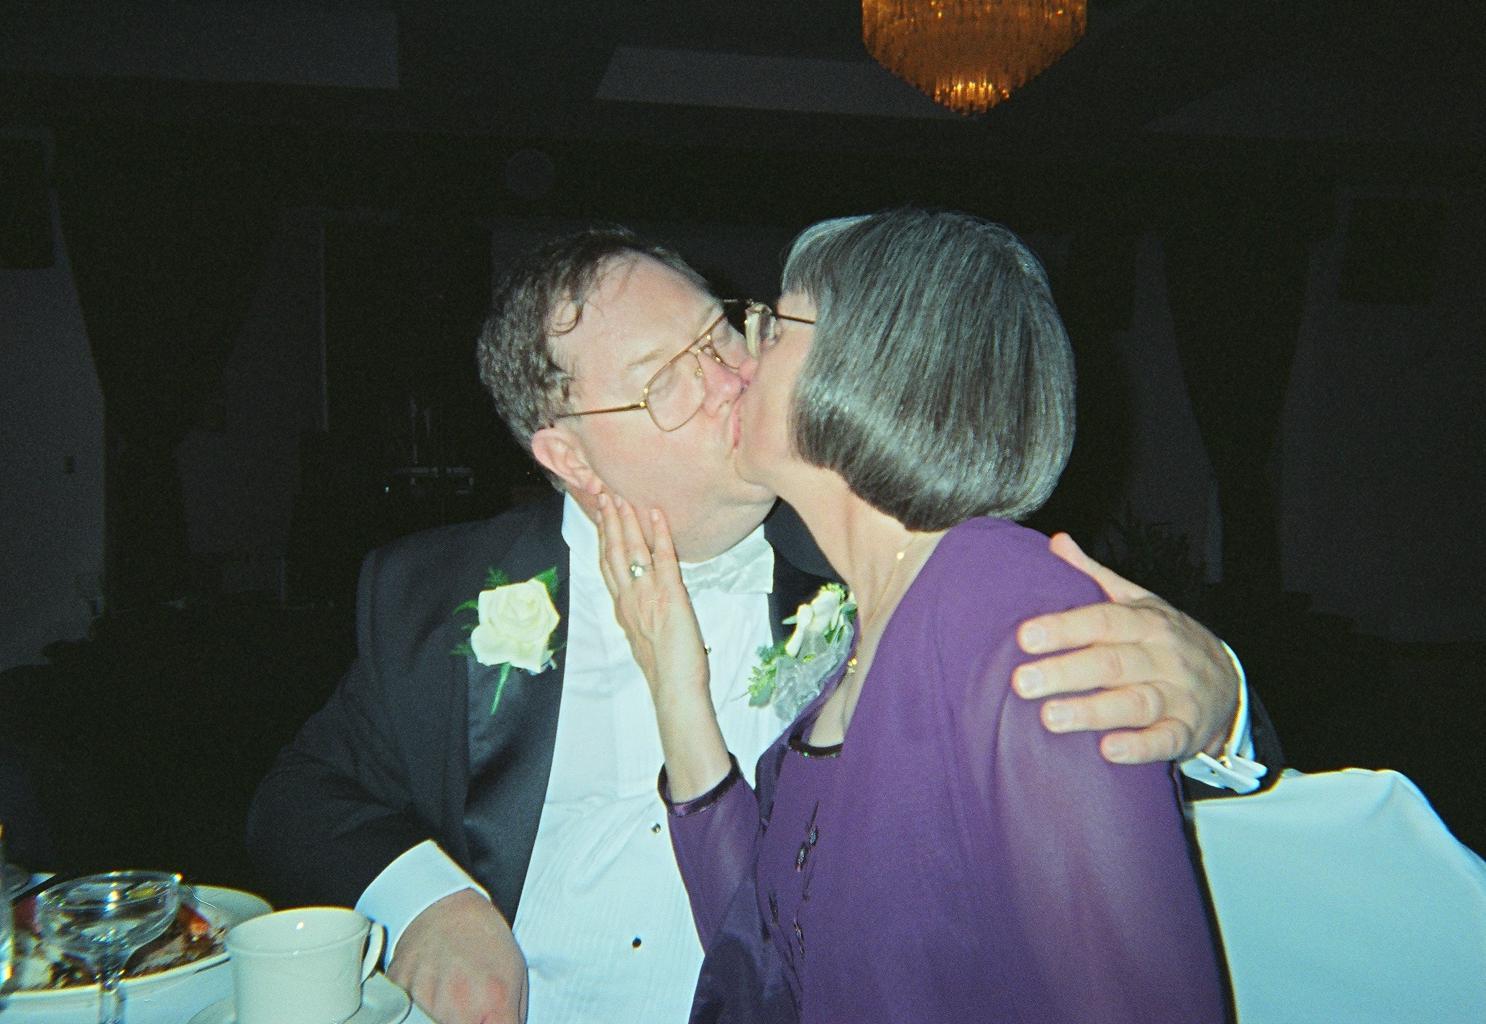 00510016_carlpat_kissing